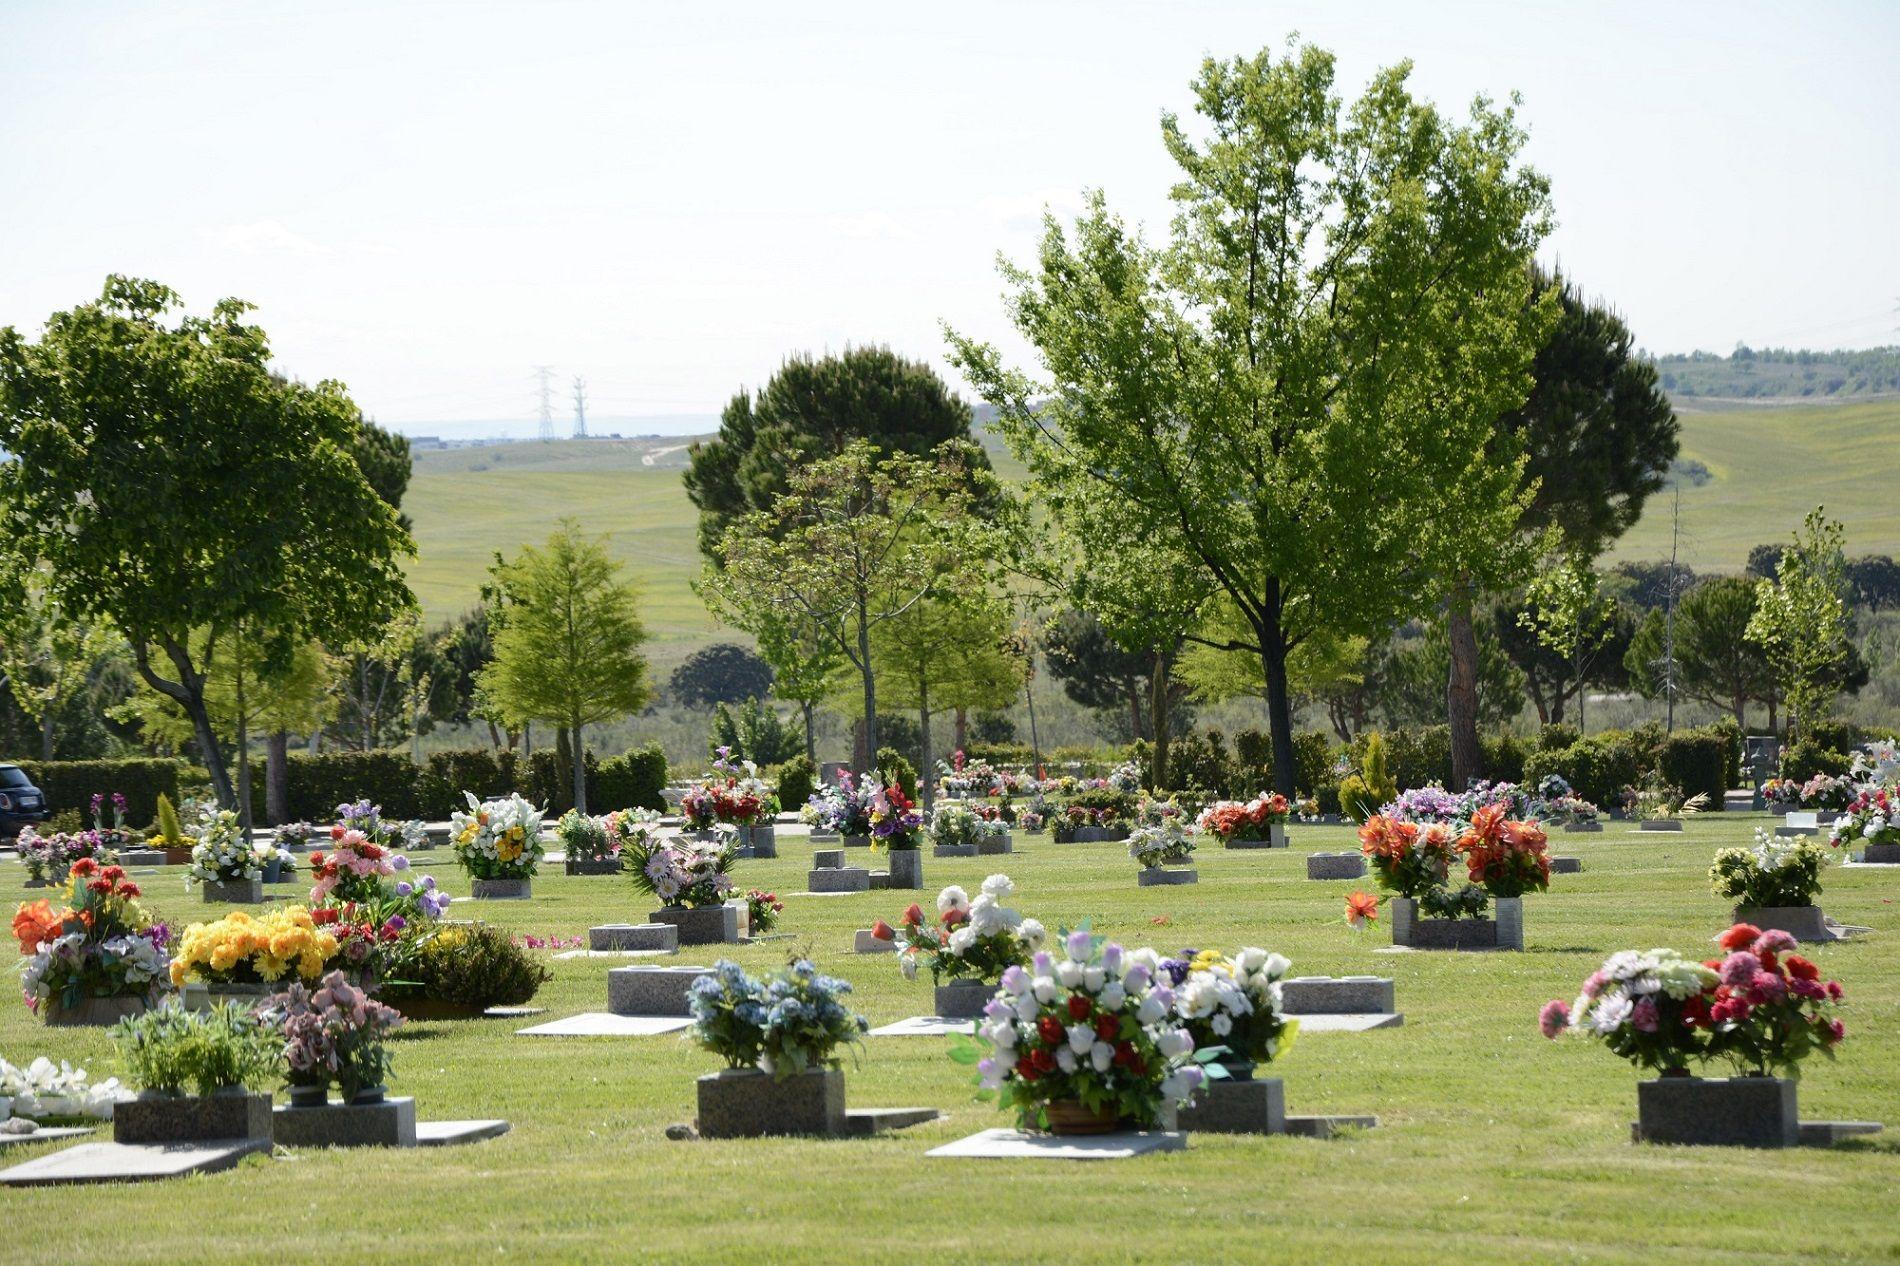 El entierro, una opción más rápida y cercana para despedir a los fallecidos, incluidos los Covid-19,